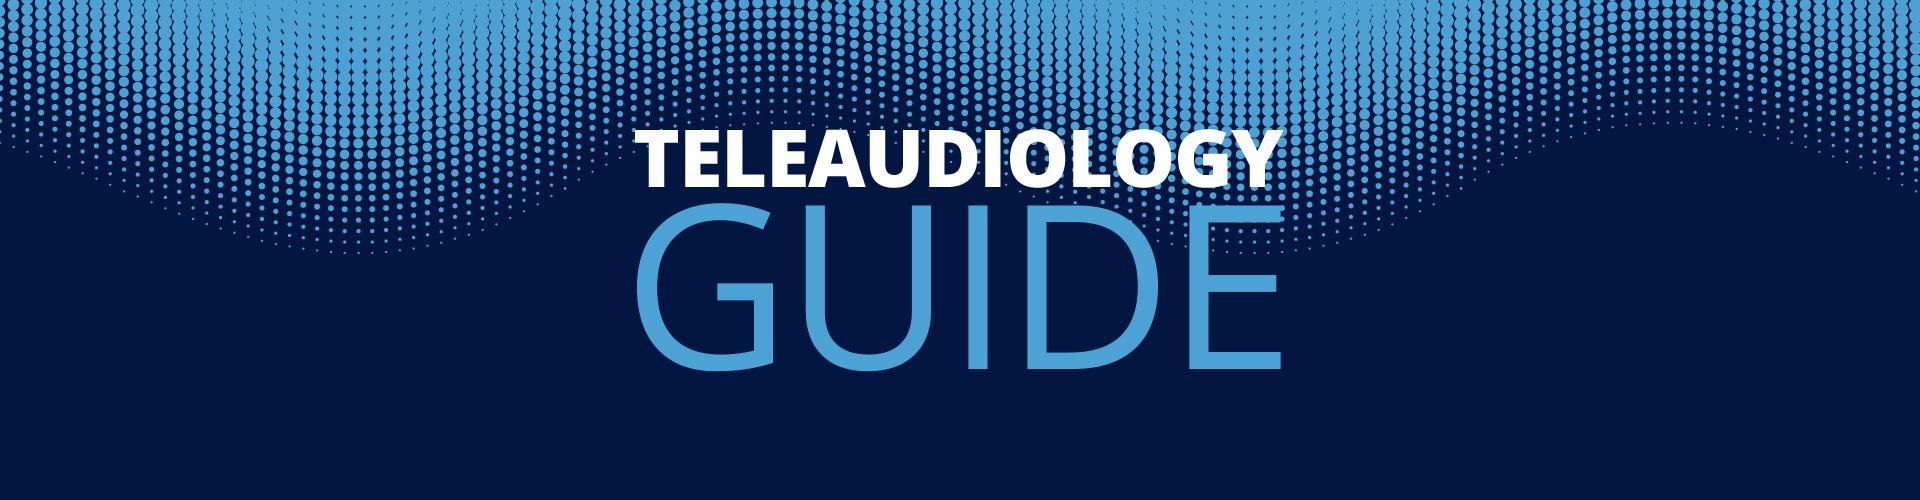 gsi-2020-teleaud-guide